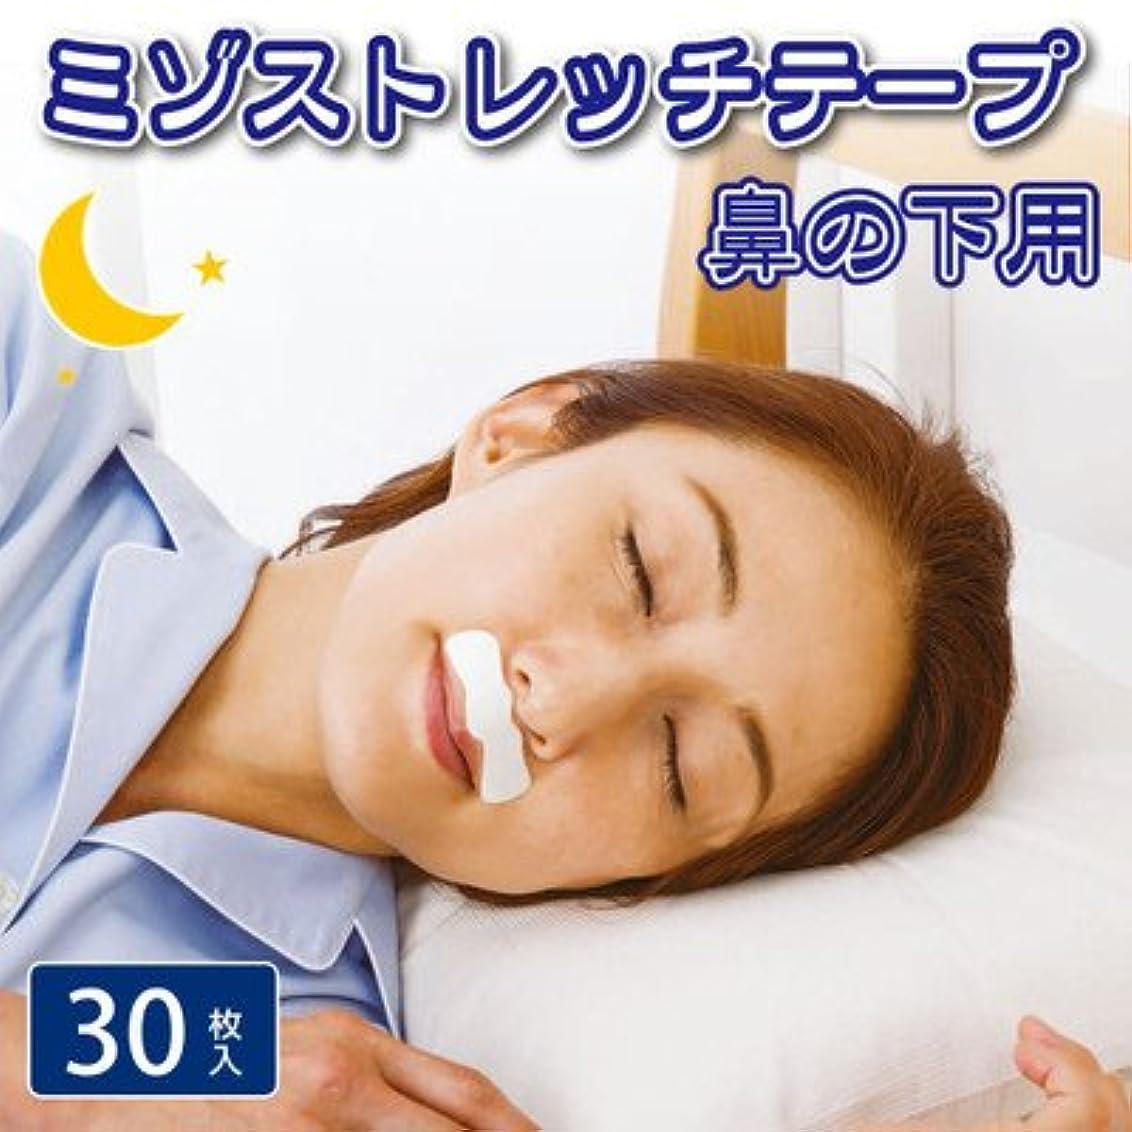 発生放棄するブロッサム貼って寝るだけ 翌朝ピーン ミゾストレッチテープ 鼻の下用